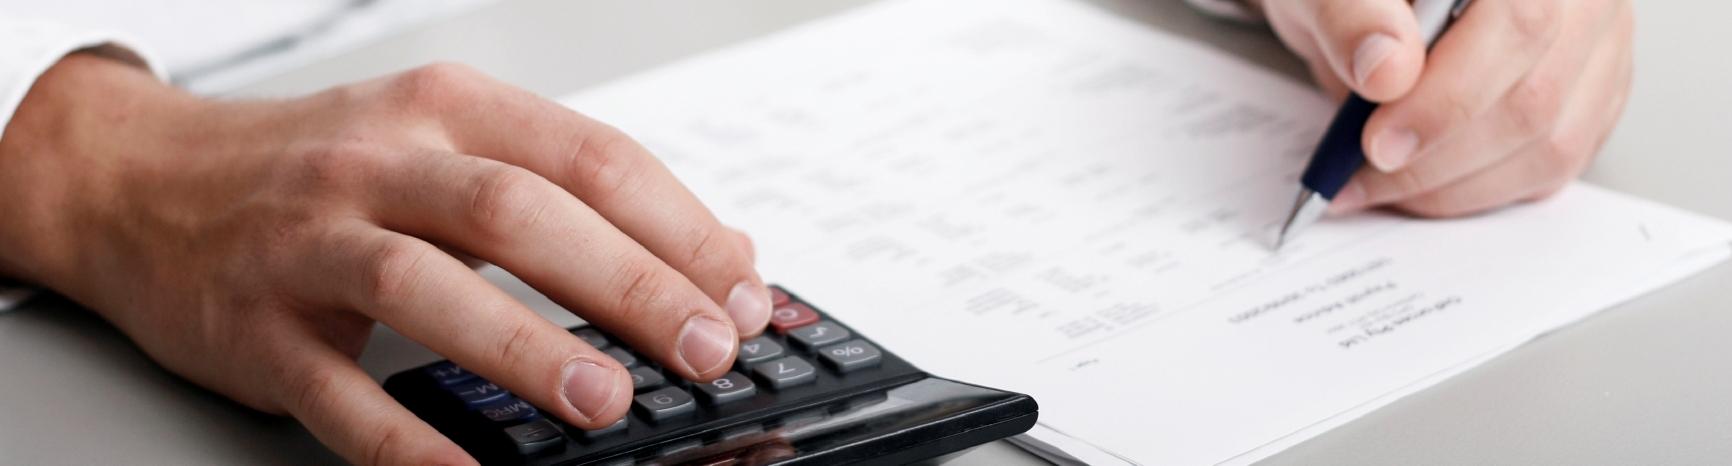 Διαχείριση Σημαντικών Αντιρρήσεων Πελατών & Εισπράξεις Οφειλών